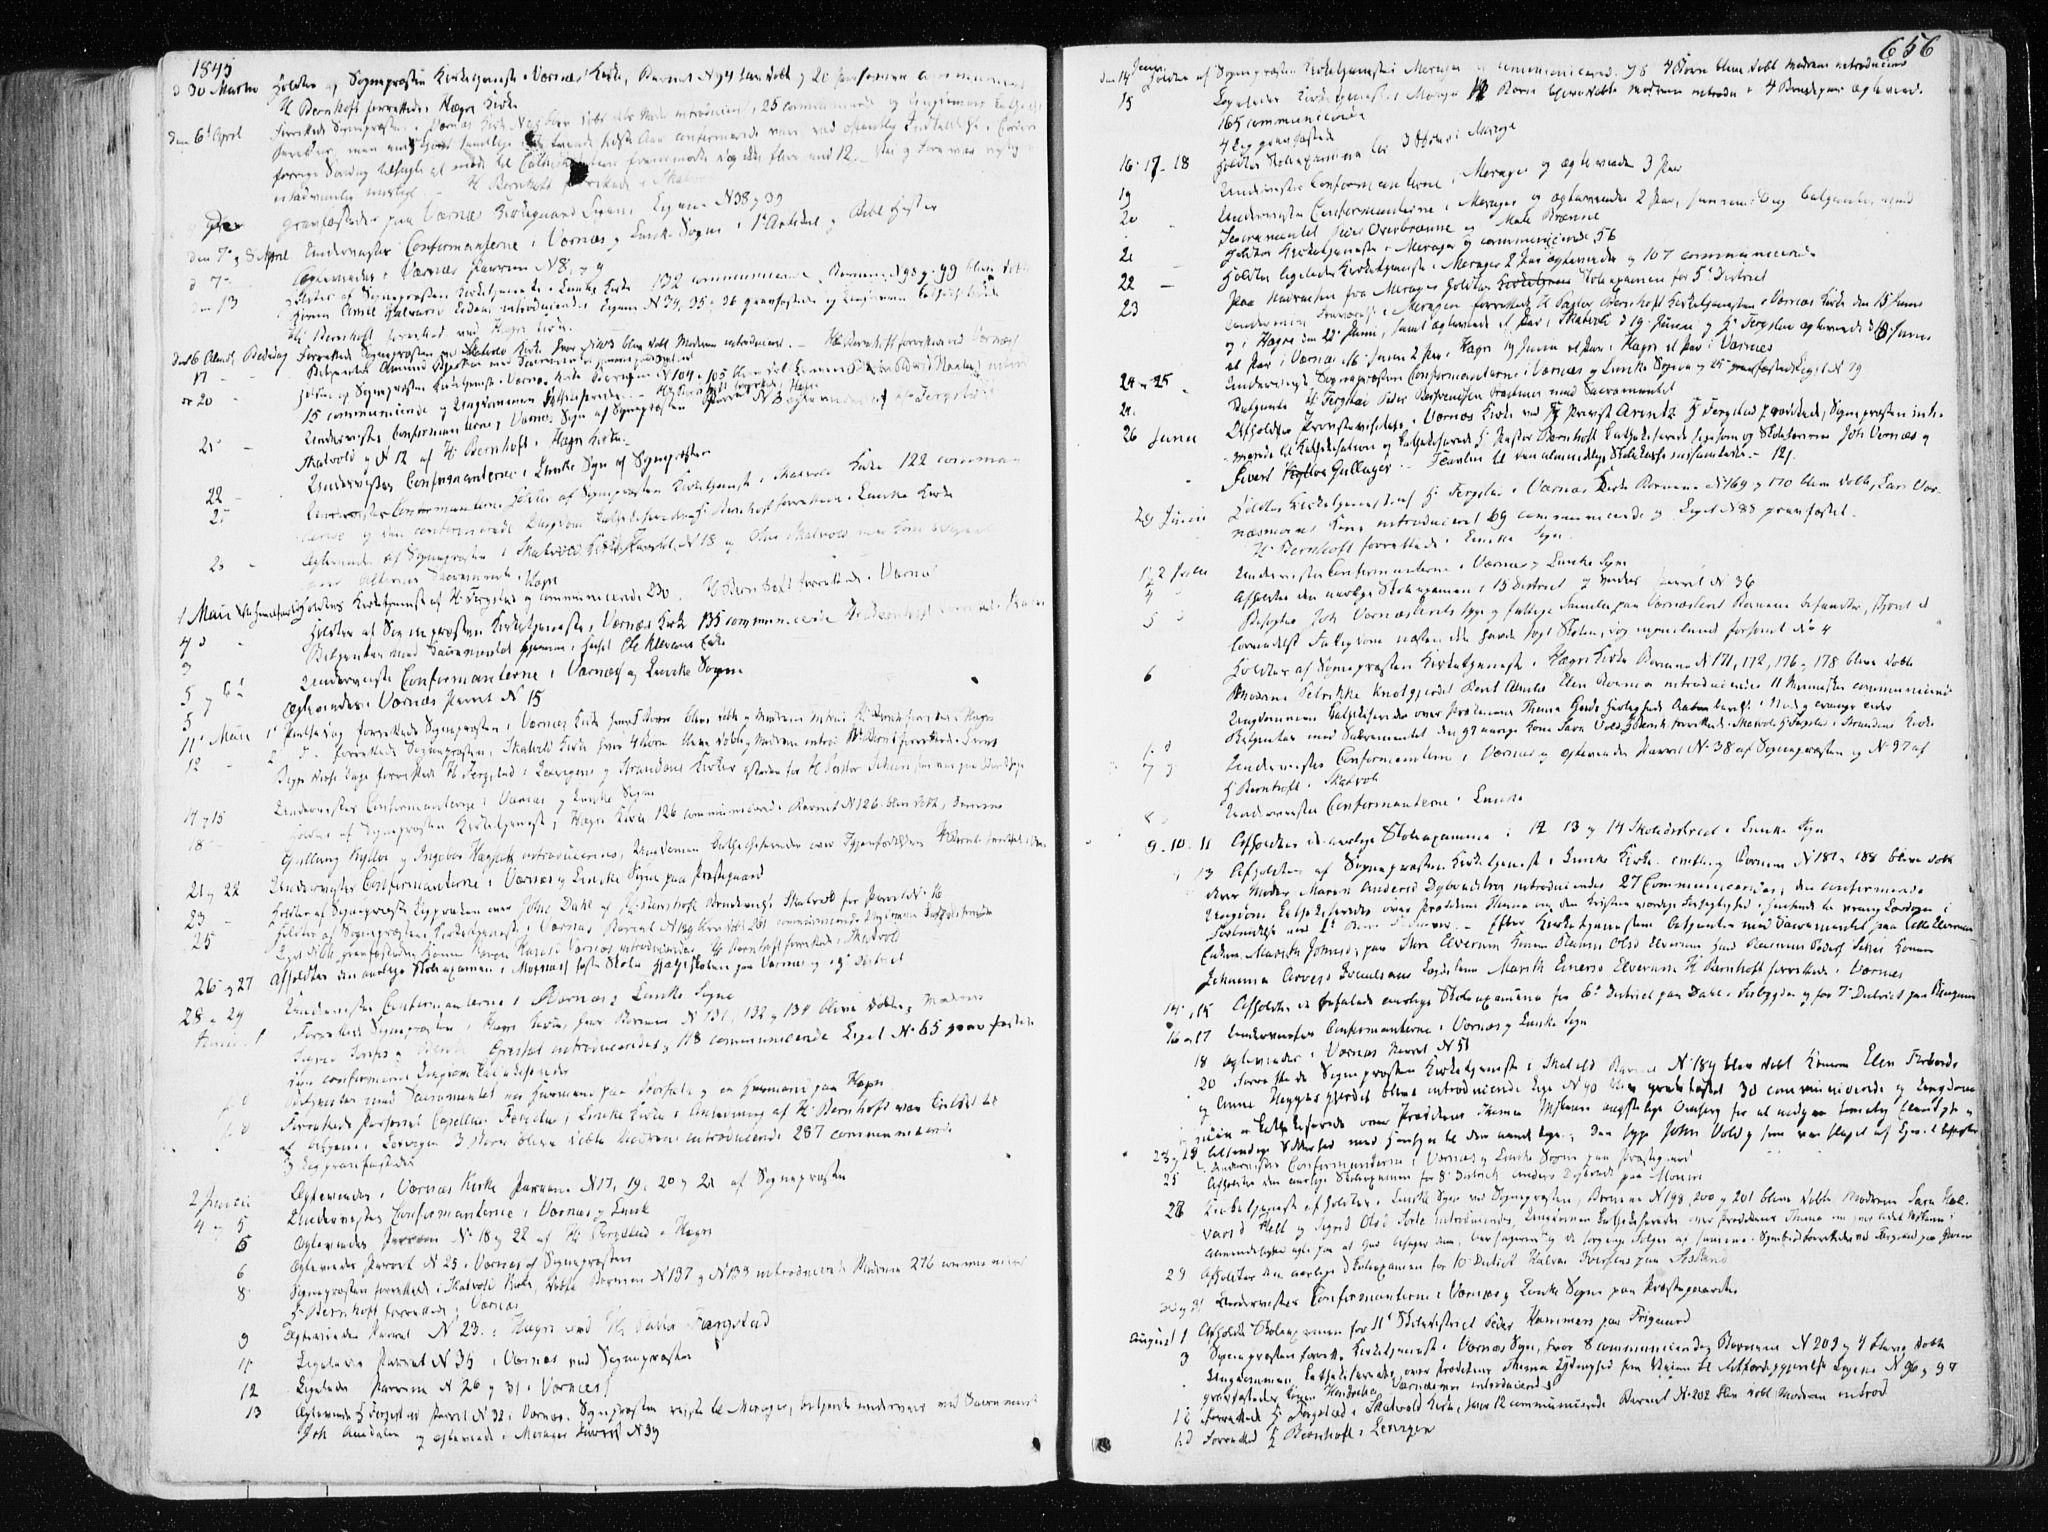 SAT, Ministerialprotokoller, klokkerbøker og fødselsregistre - Nord-Trøndelag, 709/L0074: Parish register (official) no. 709A14, 1845-1858, p. 656